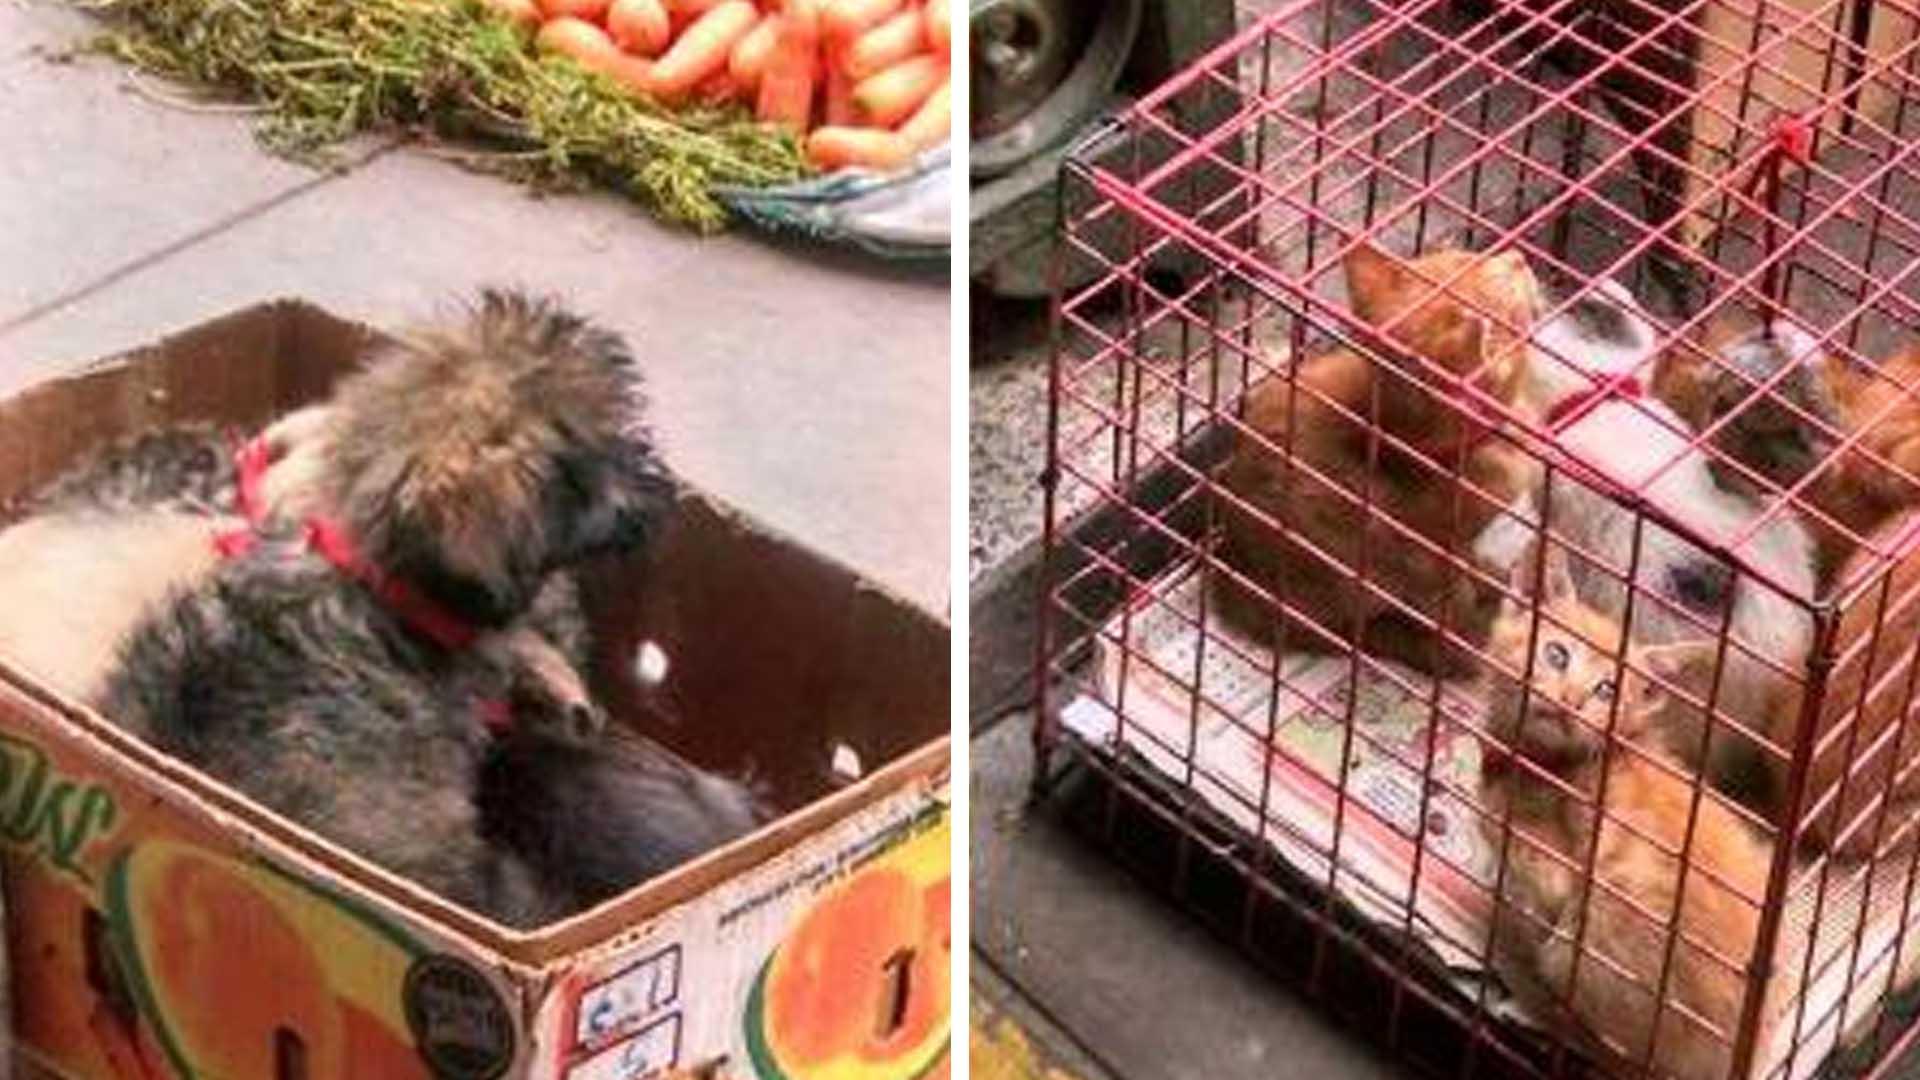 Asociaciones animalistas piden erradicar la venta de animales en la feria sabatina